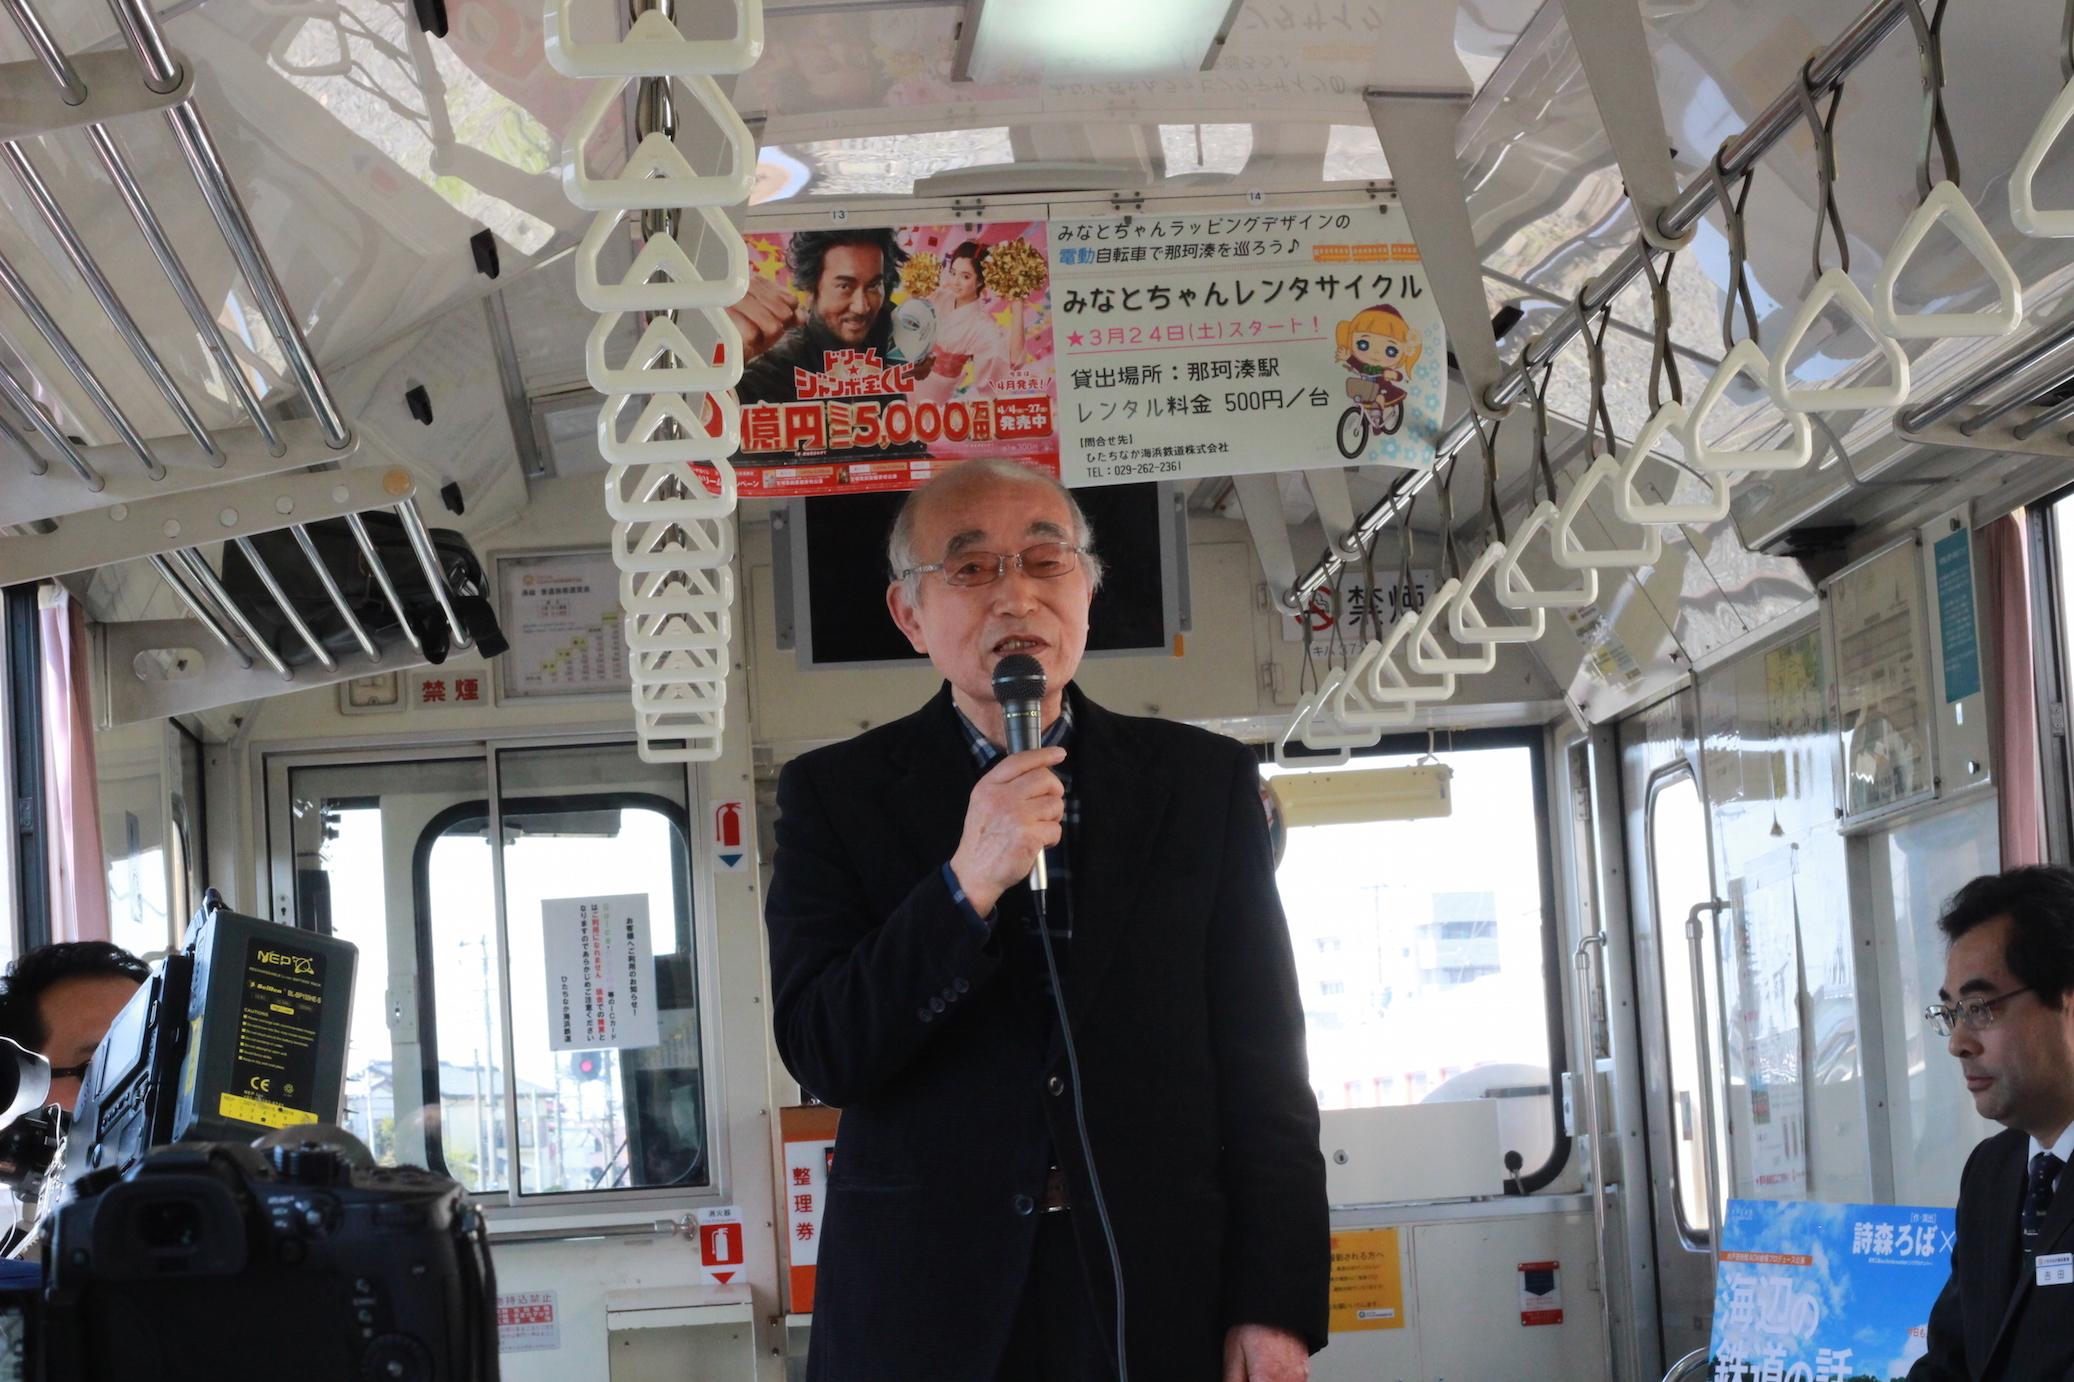 おらが湊鐵道応援団の佐藤彦三郎さん